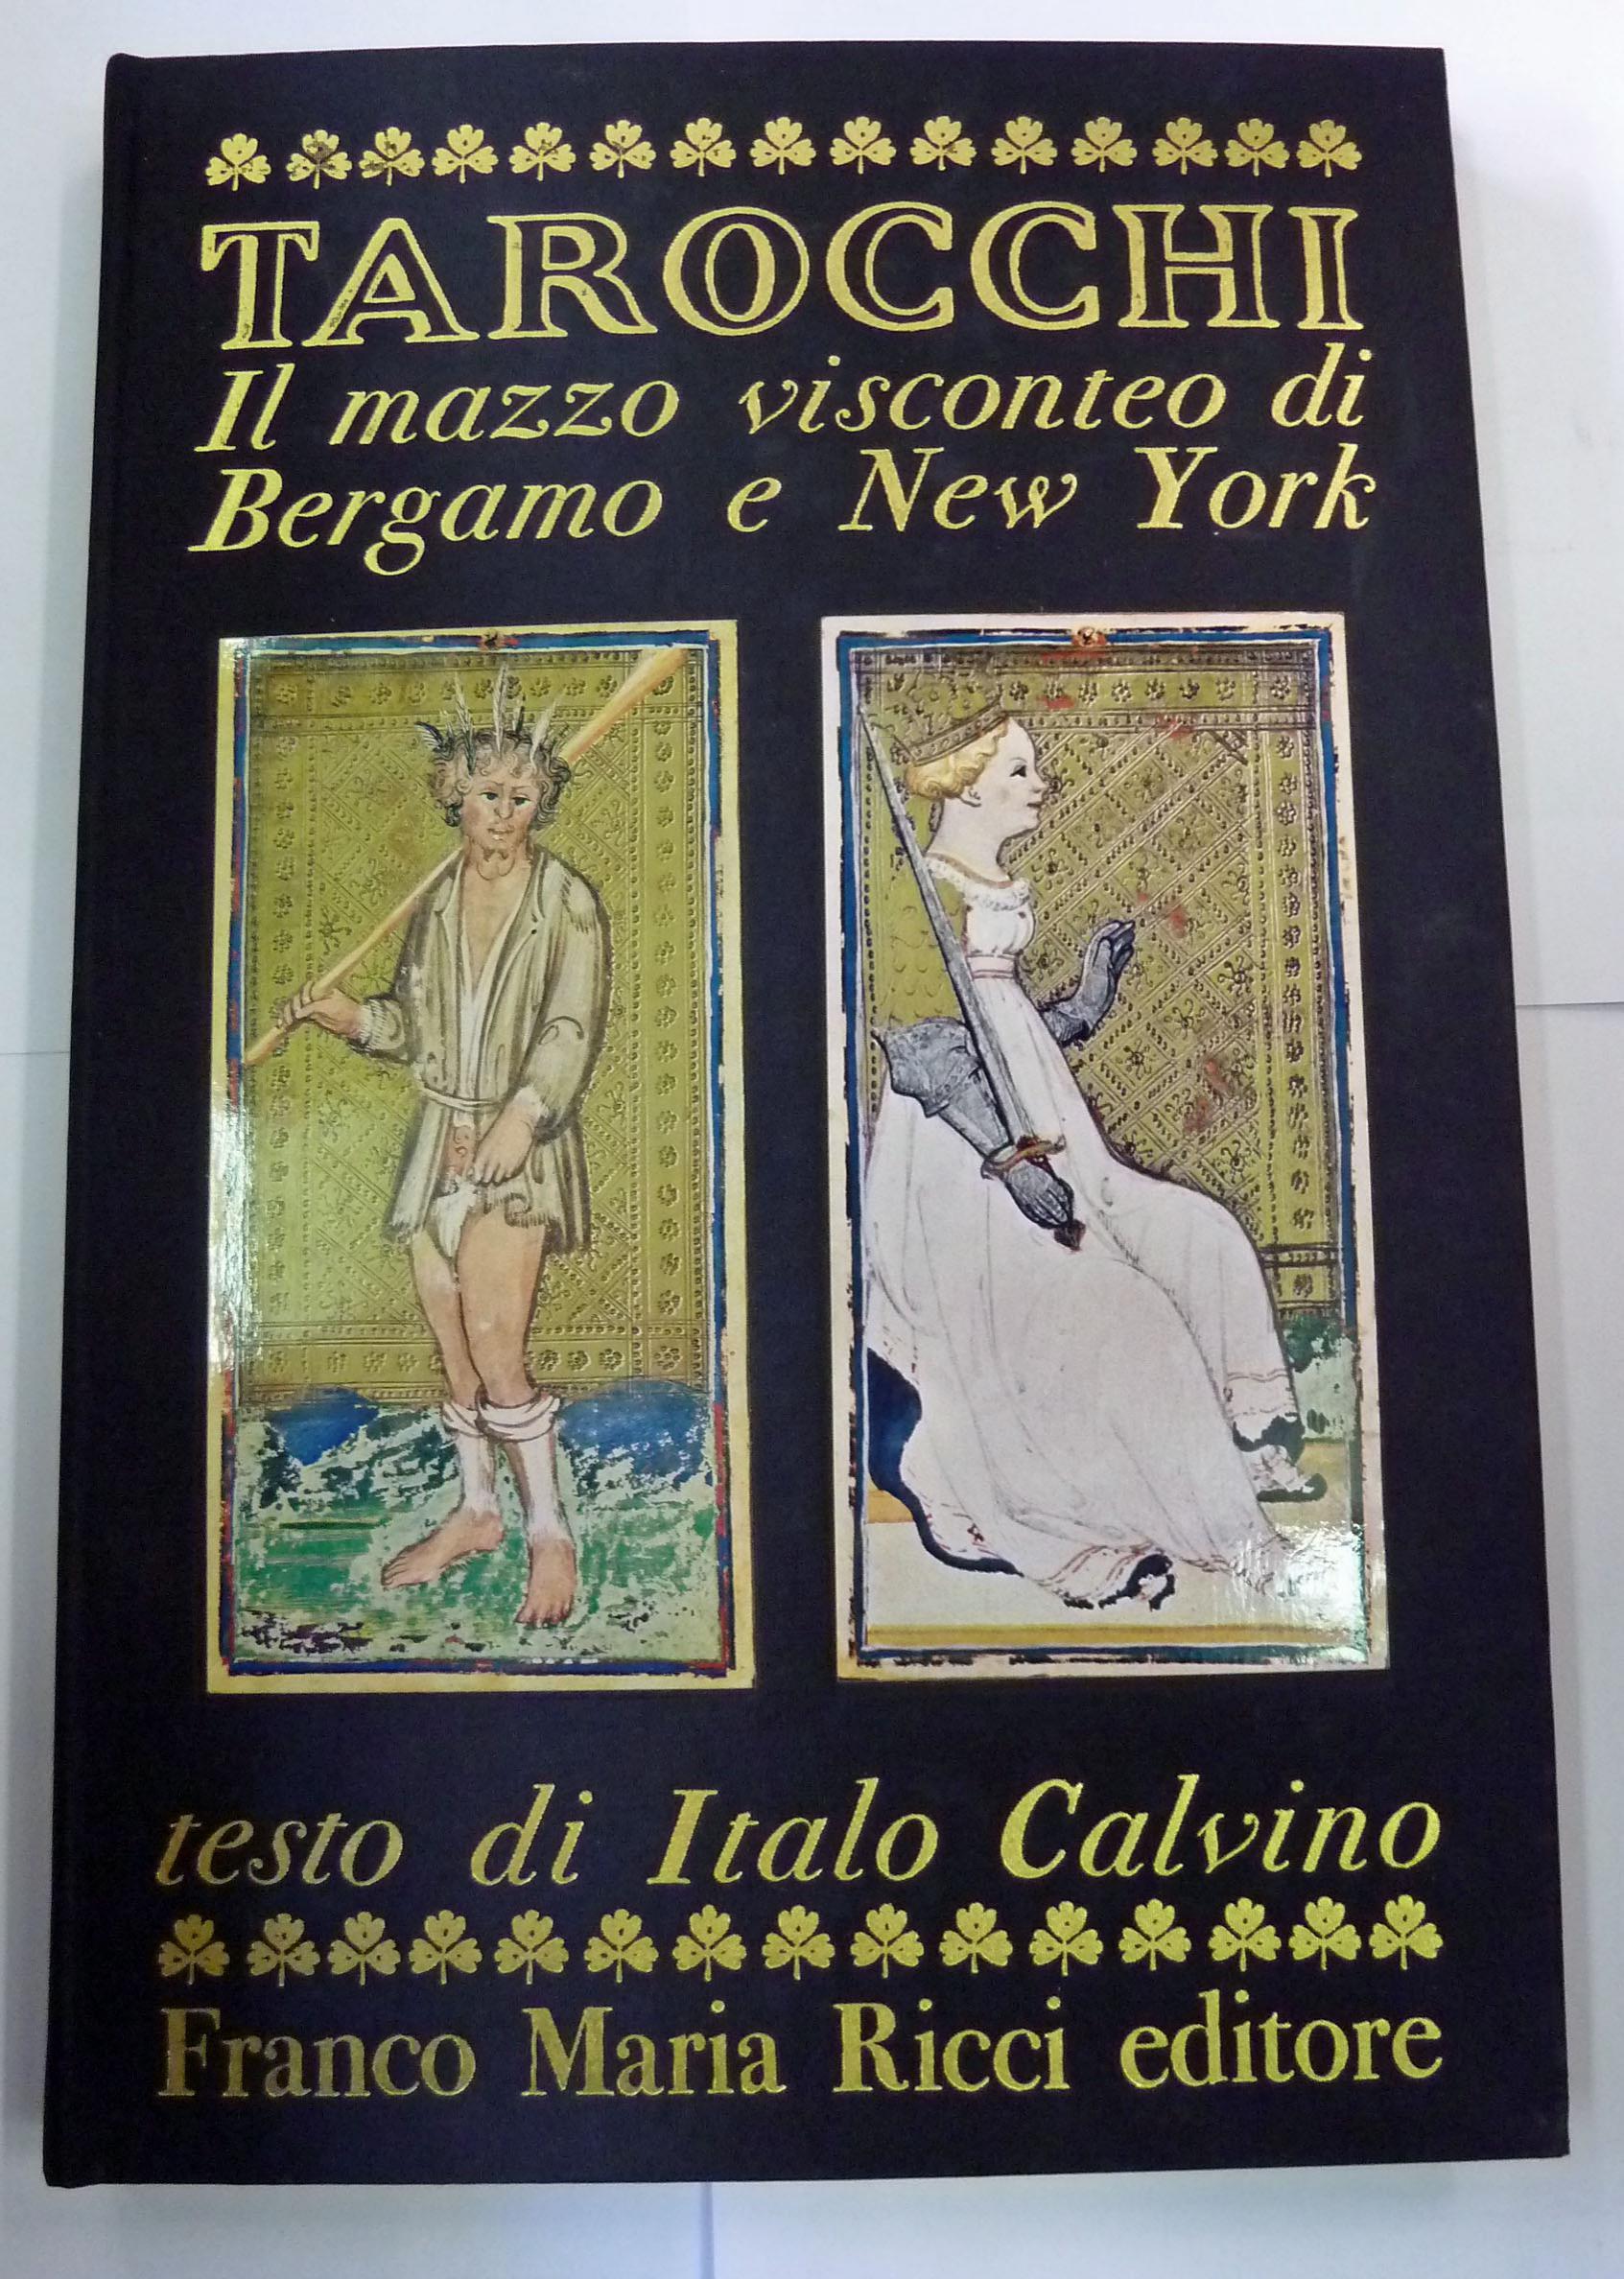 Tarocchi Il Mazzo visconteo di Bergano e New York testo di Italo Calvino